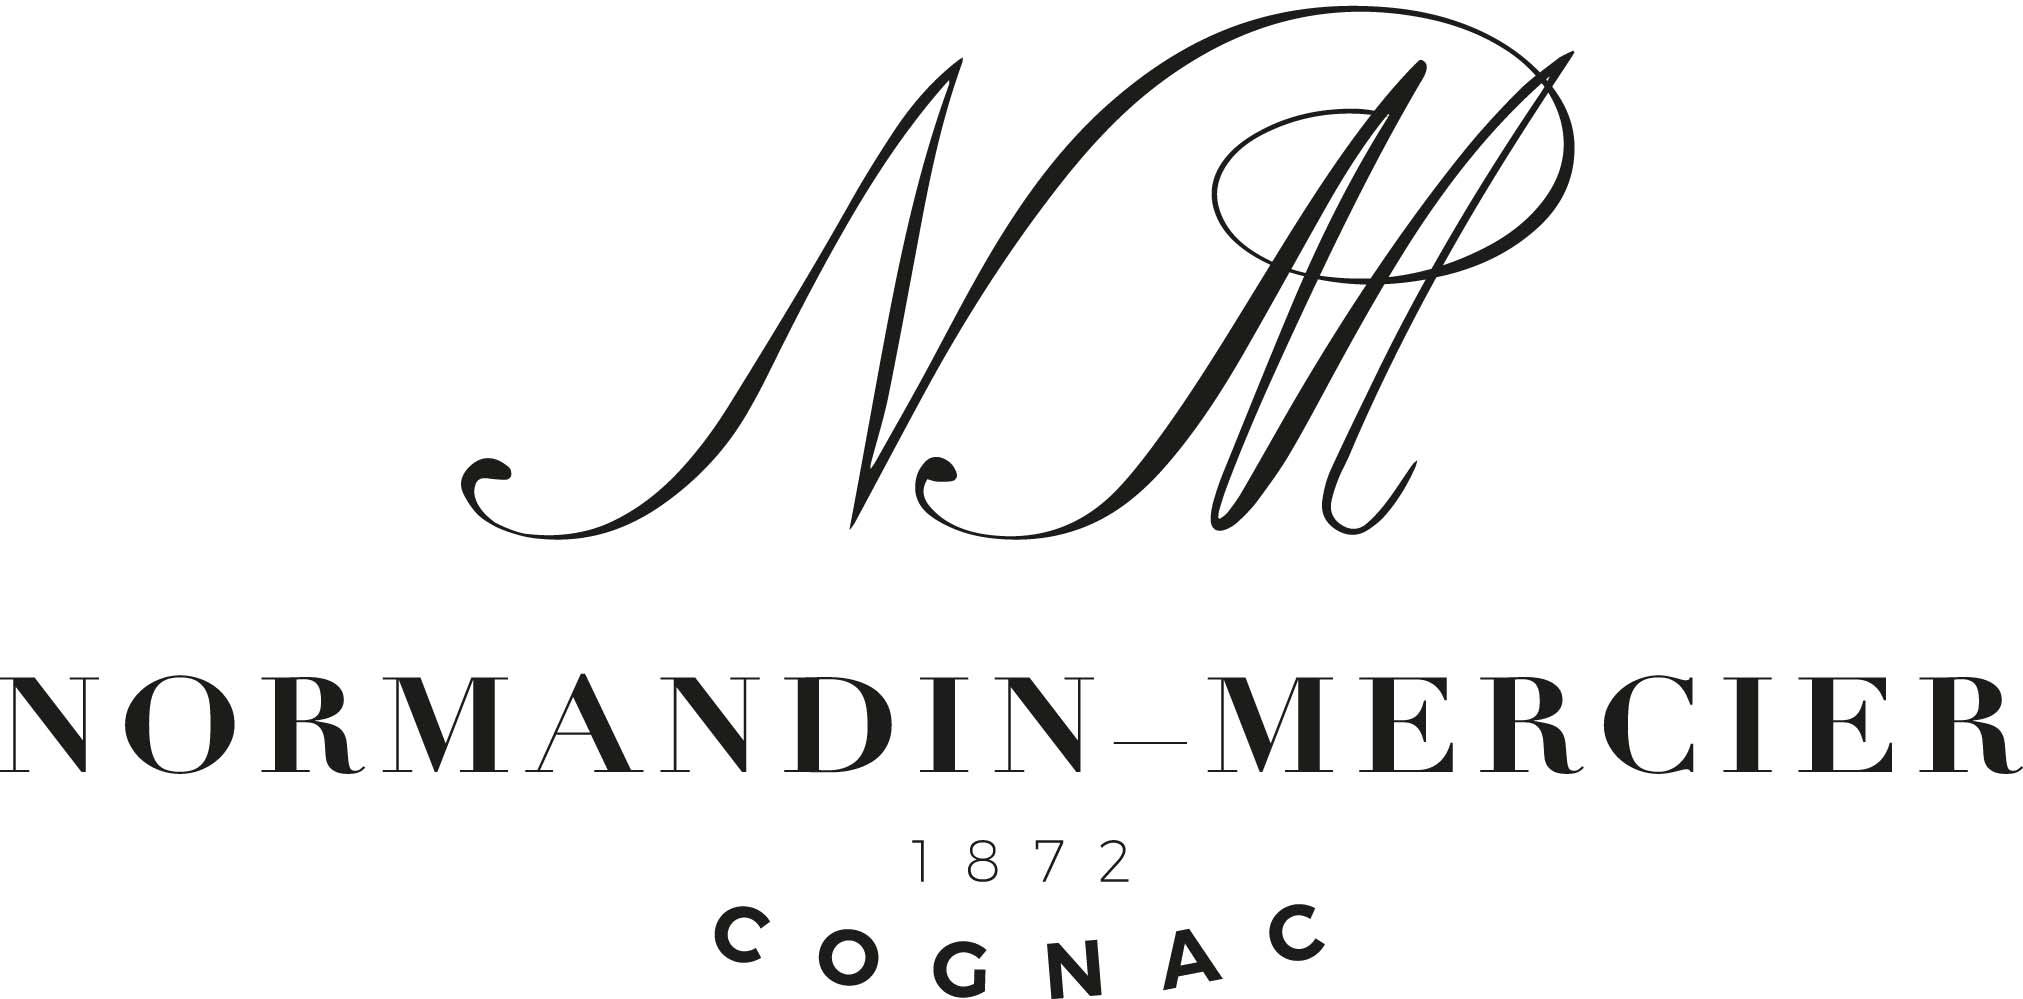 partenaire_cognac normandin mercier